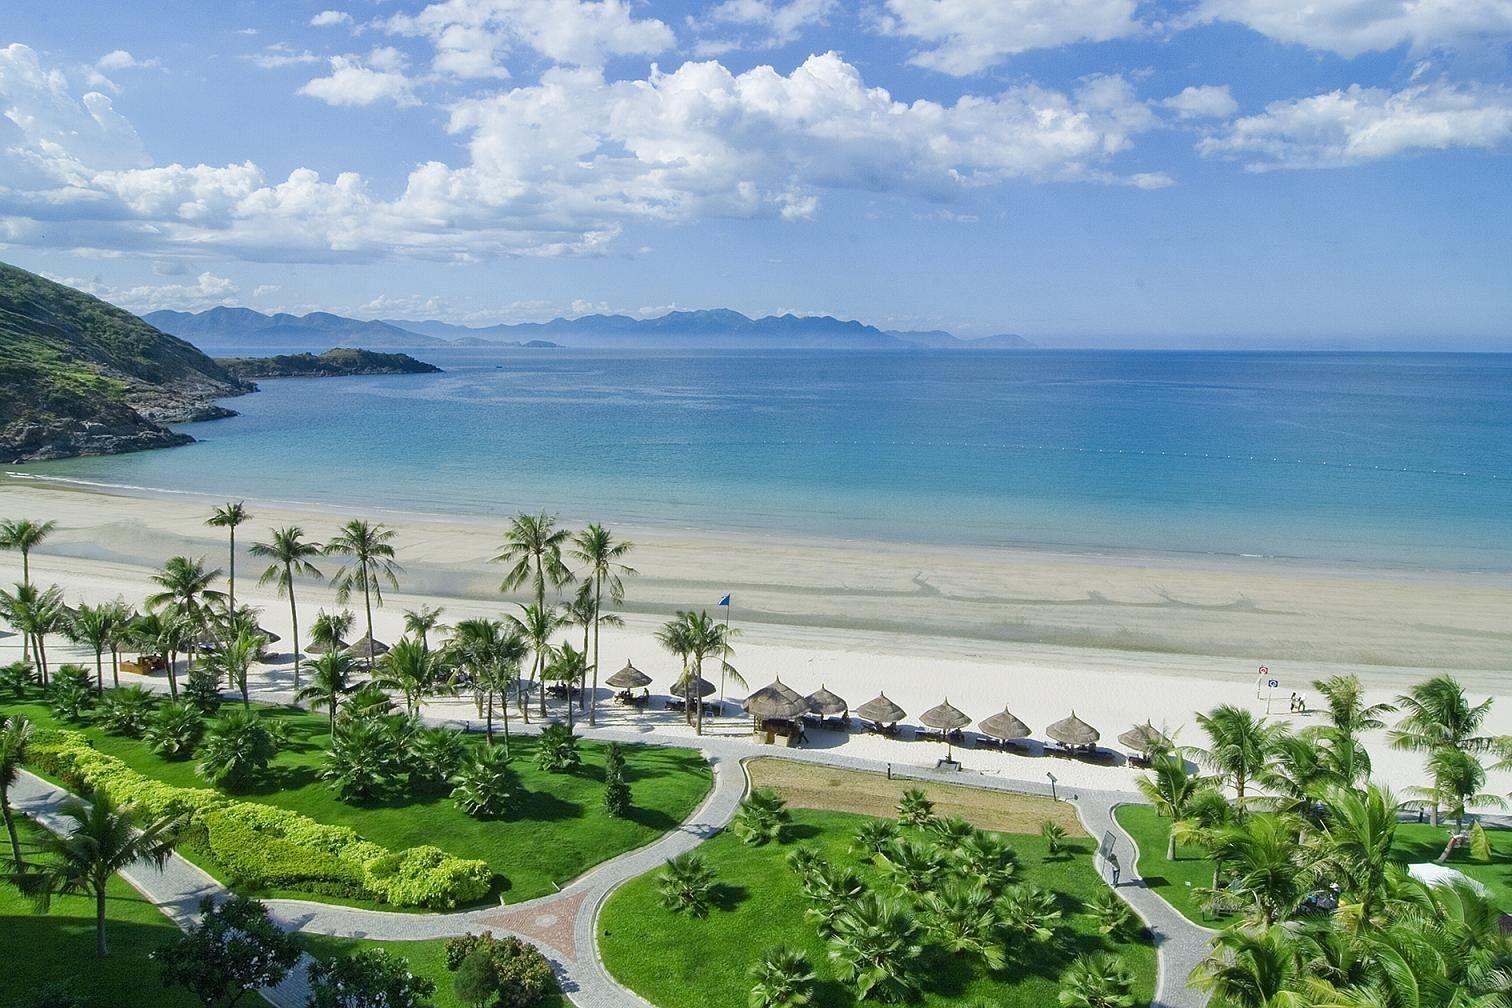 Vẻ đẹp đầy hoang sơ và thu hút– Đảo Ngọc Phú Quốc